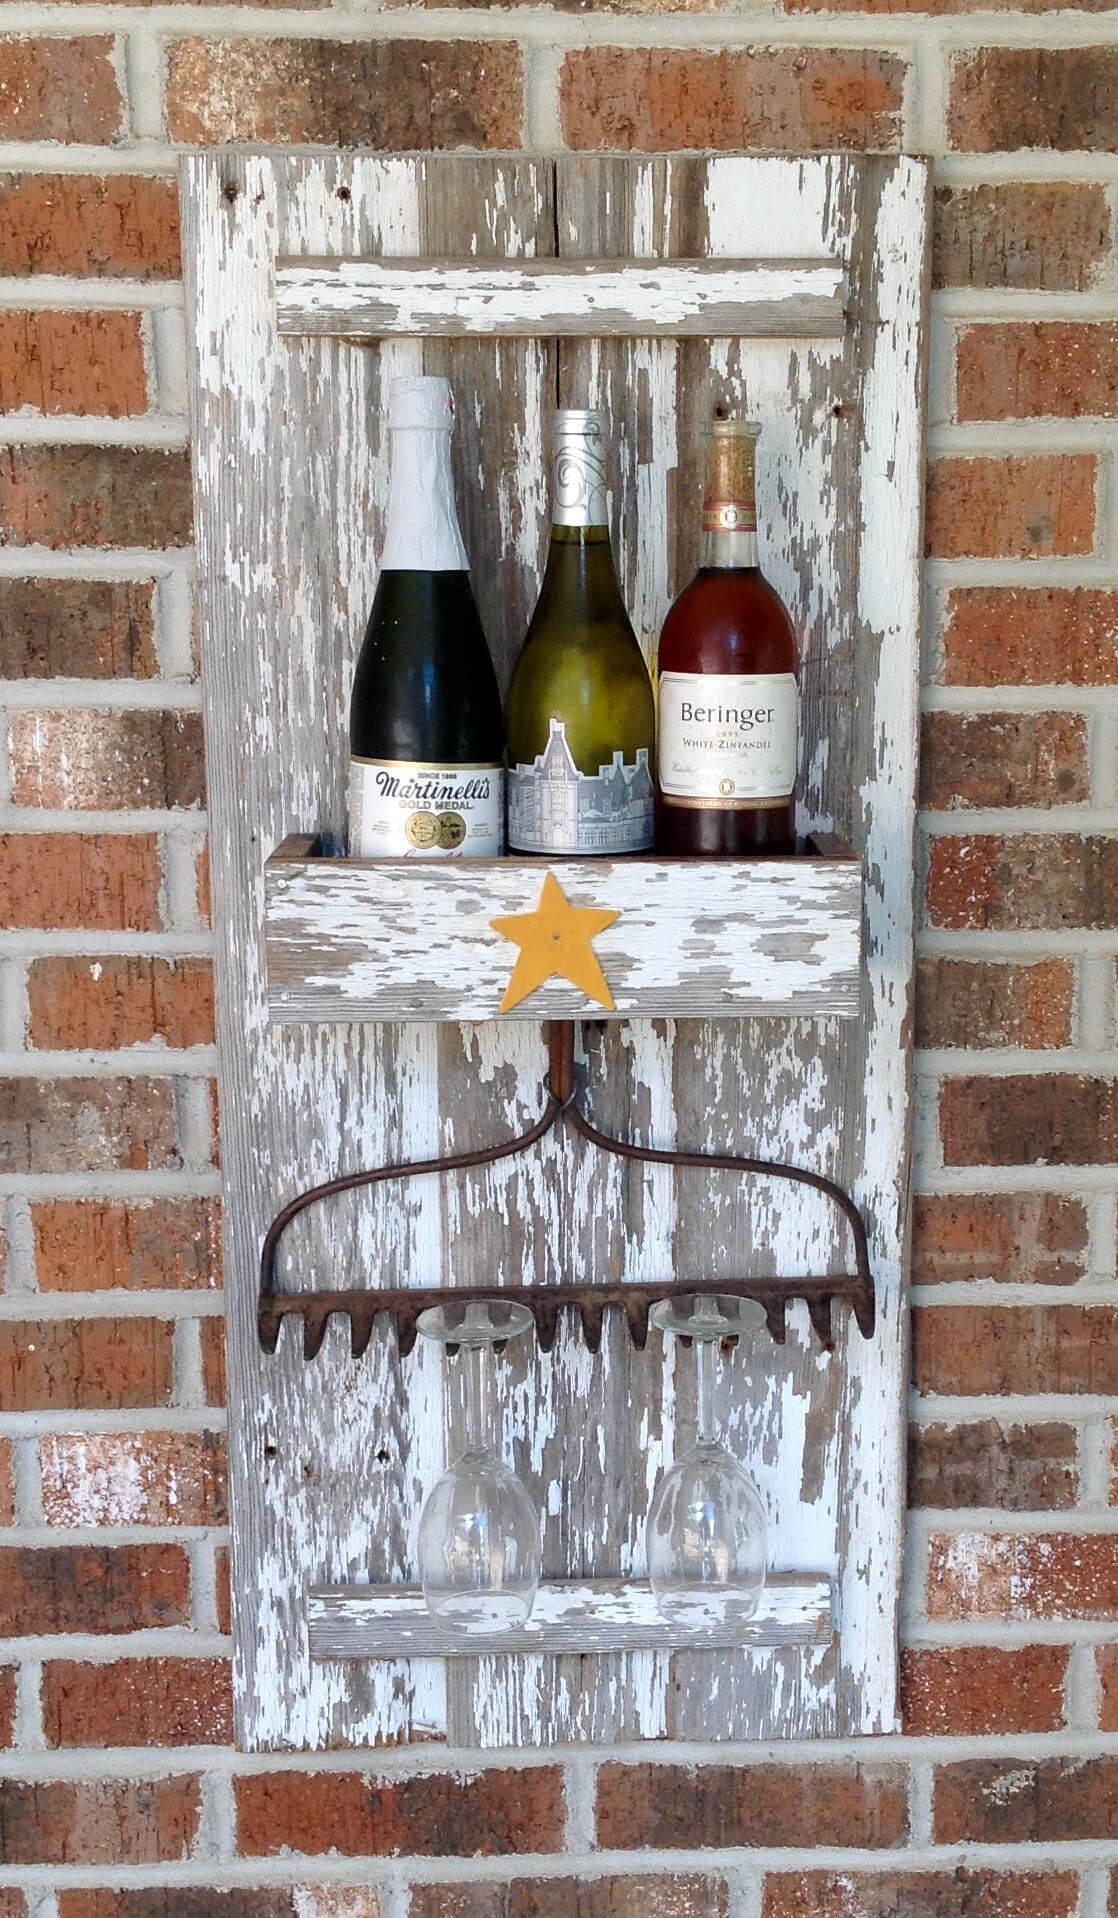 pequena adega de parede de madeira de demolição com garrafas de bebida